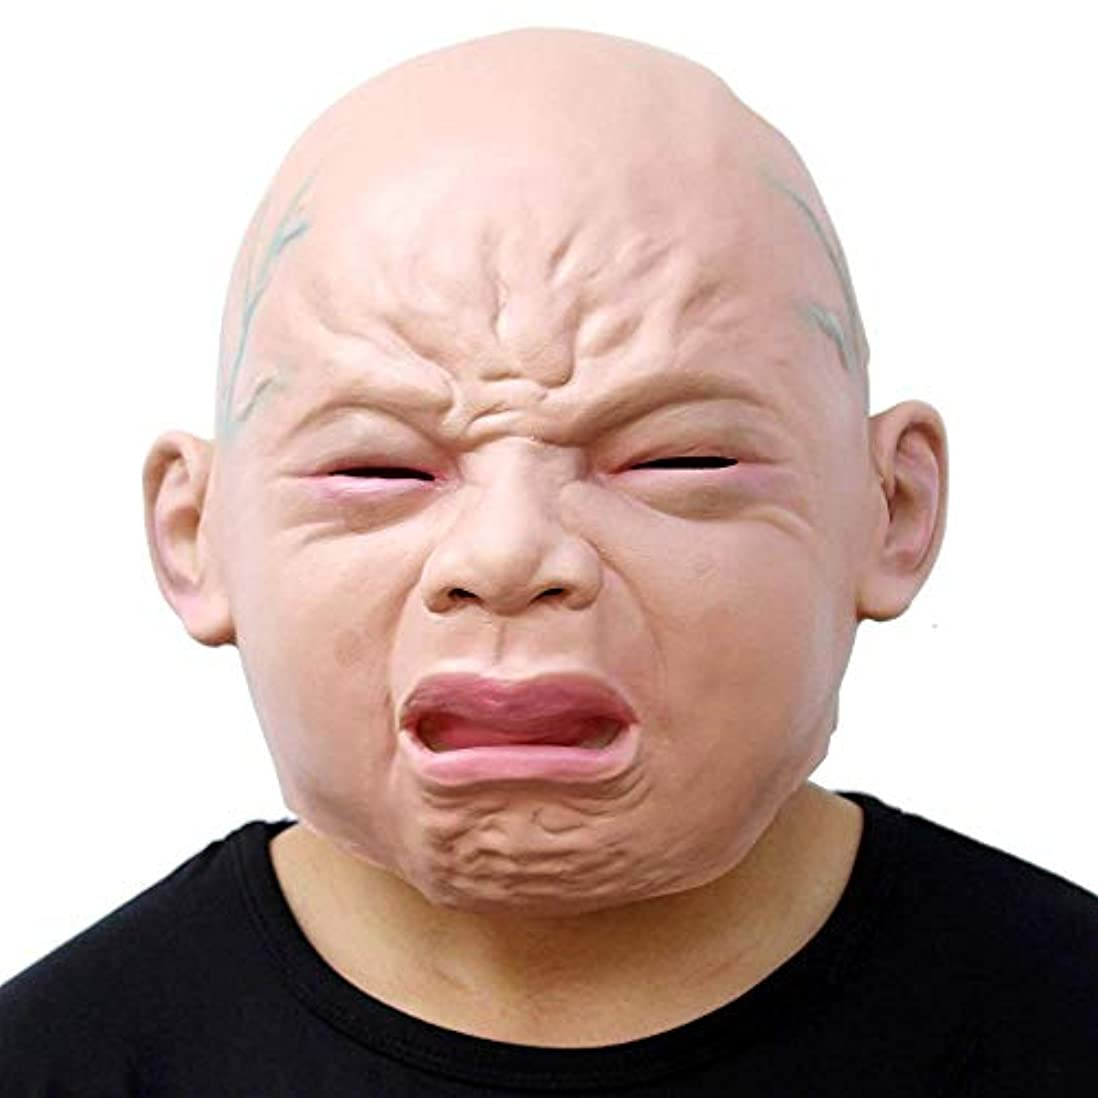 逆にんじん環境ノベルティハロウィーンコスチュームパーティーラテックスヘッドマスク赤ちゃんの顔、パーティーホラーコスプレ衣装の小道具-泣いている赤ちゃん、大人の子